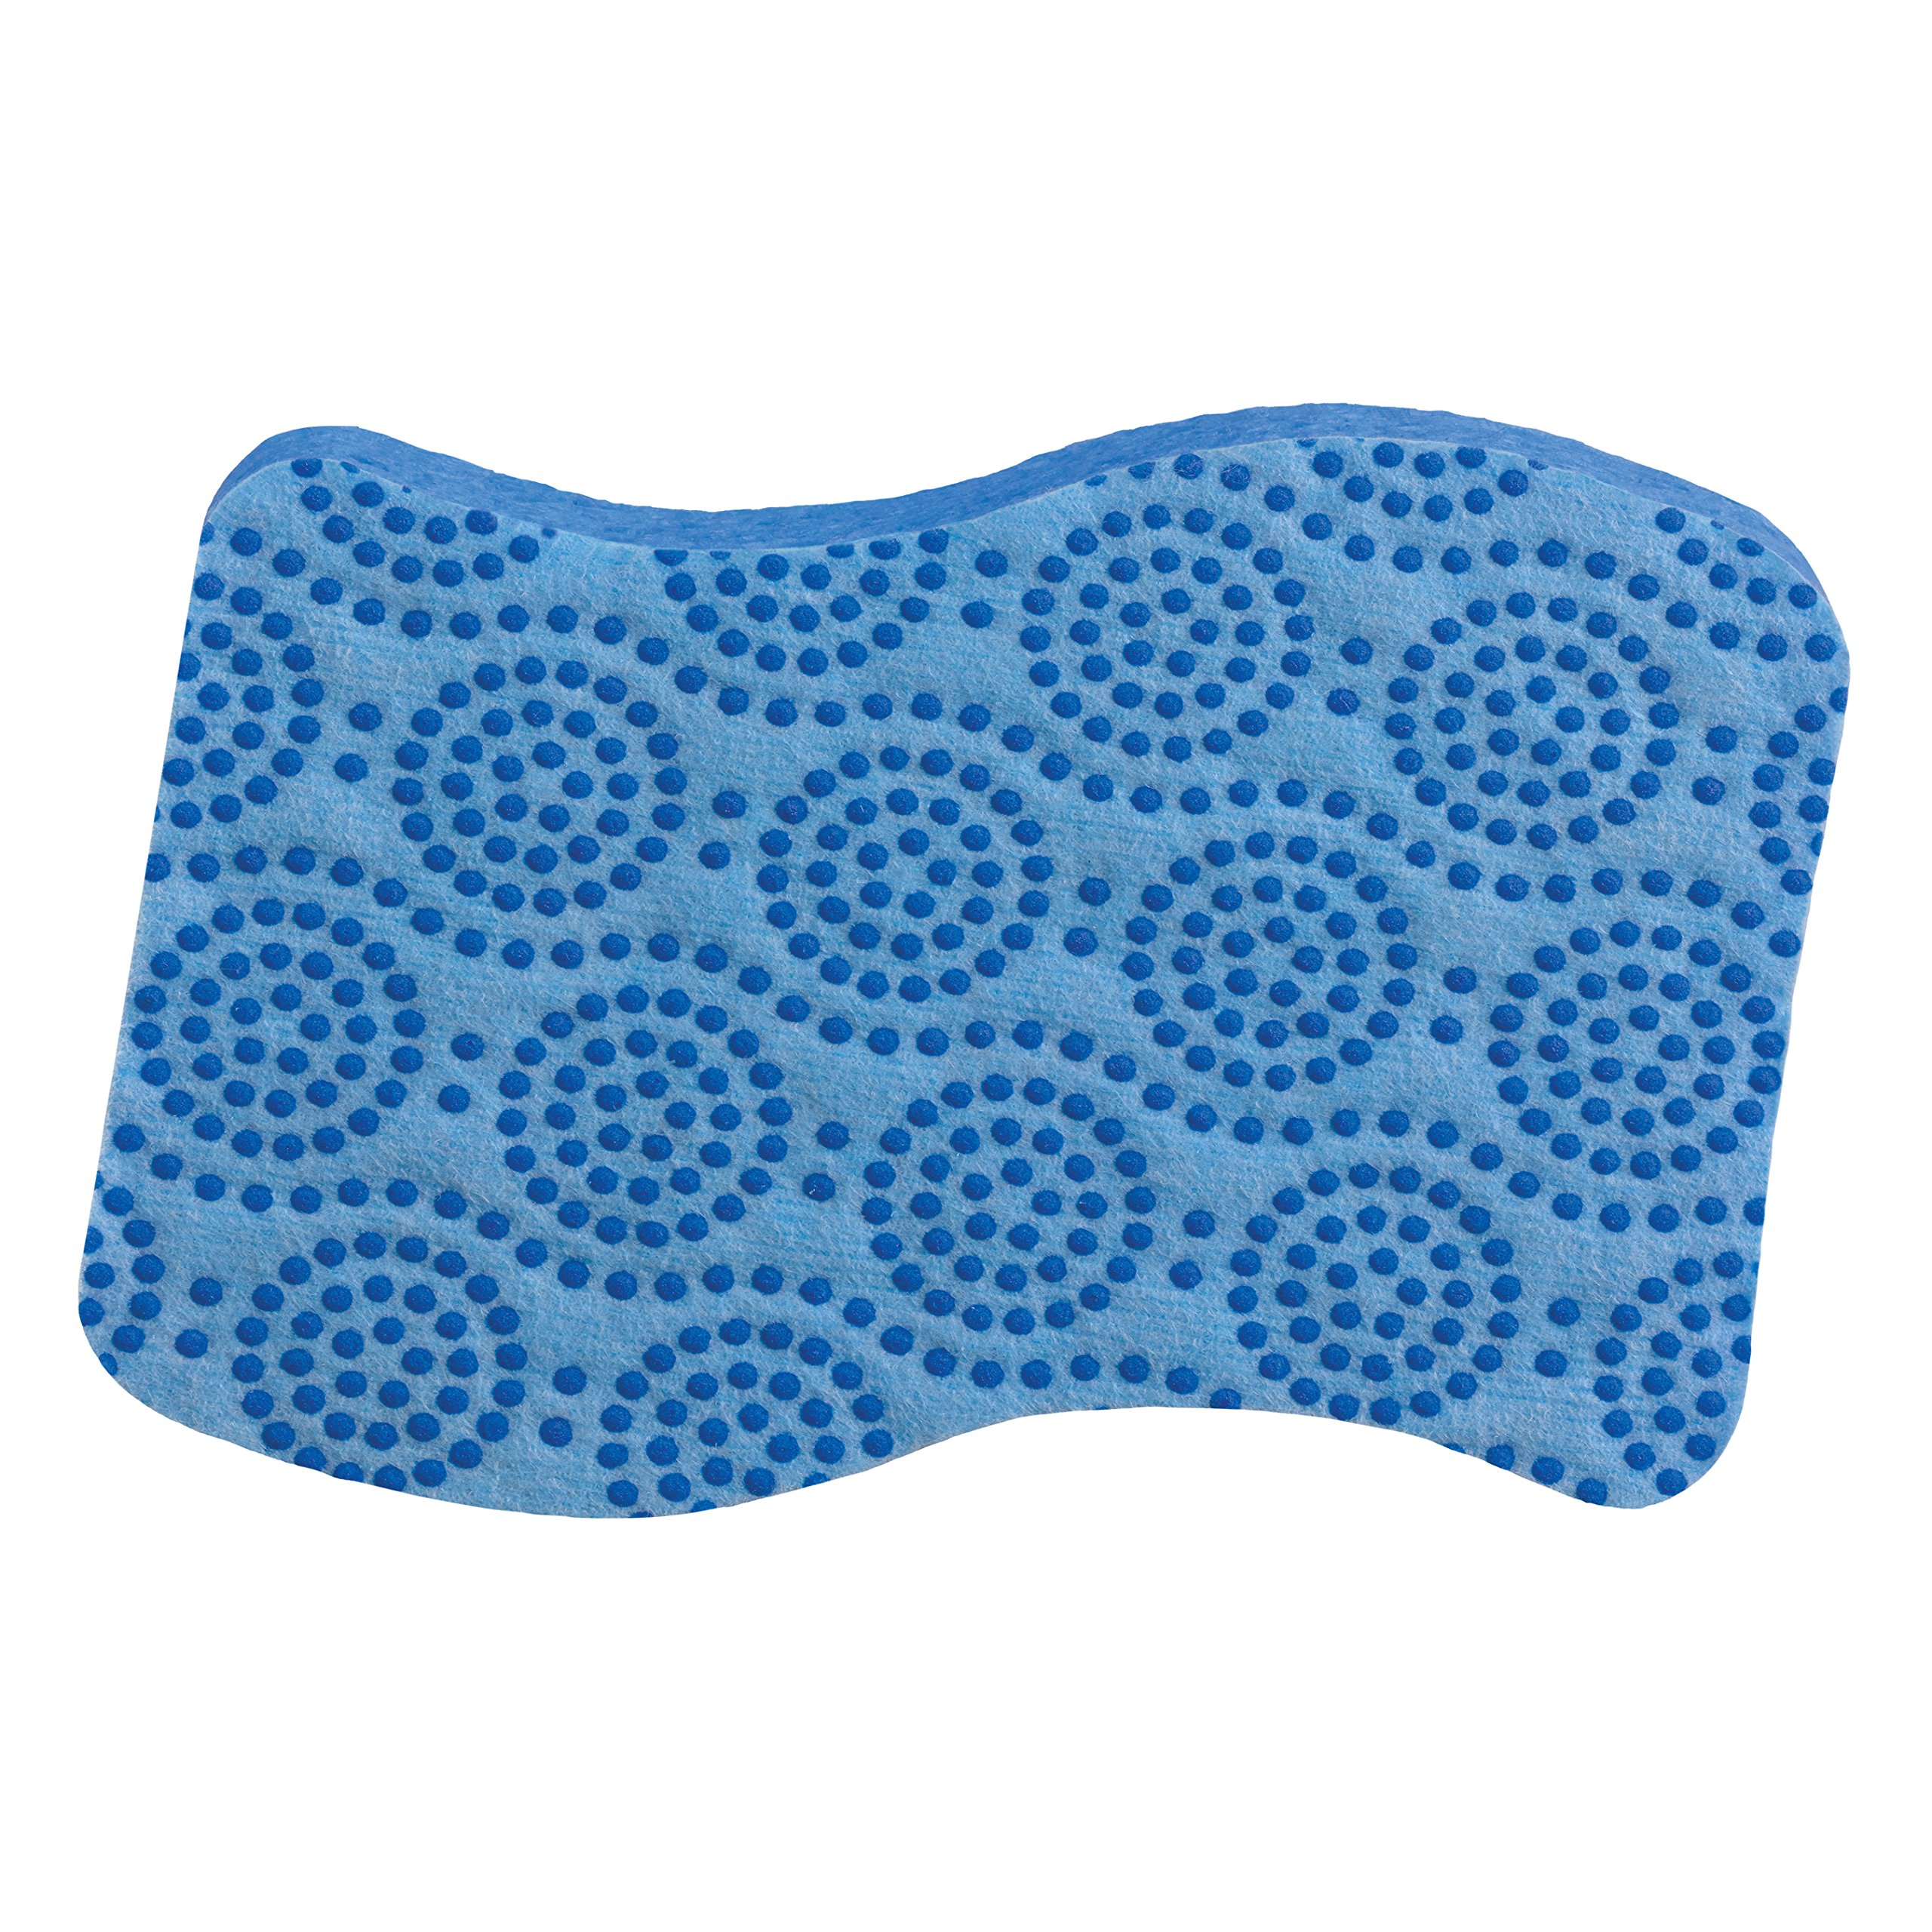 Scotch-Brite Scrub Dots Non-Scratch Scrub Sponge, 4-Sponges/Pk, 8-Packs (32 Sponges Total) by Scotch-Brite (Image #3)